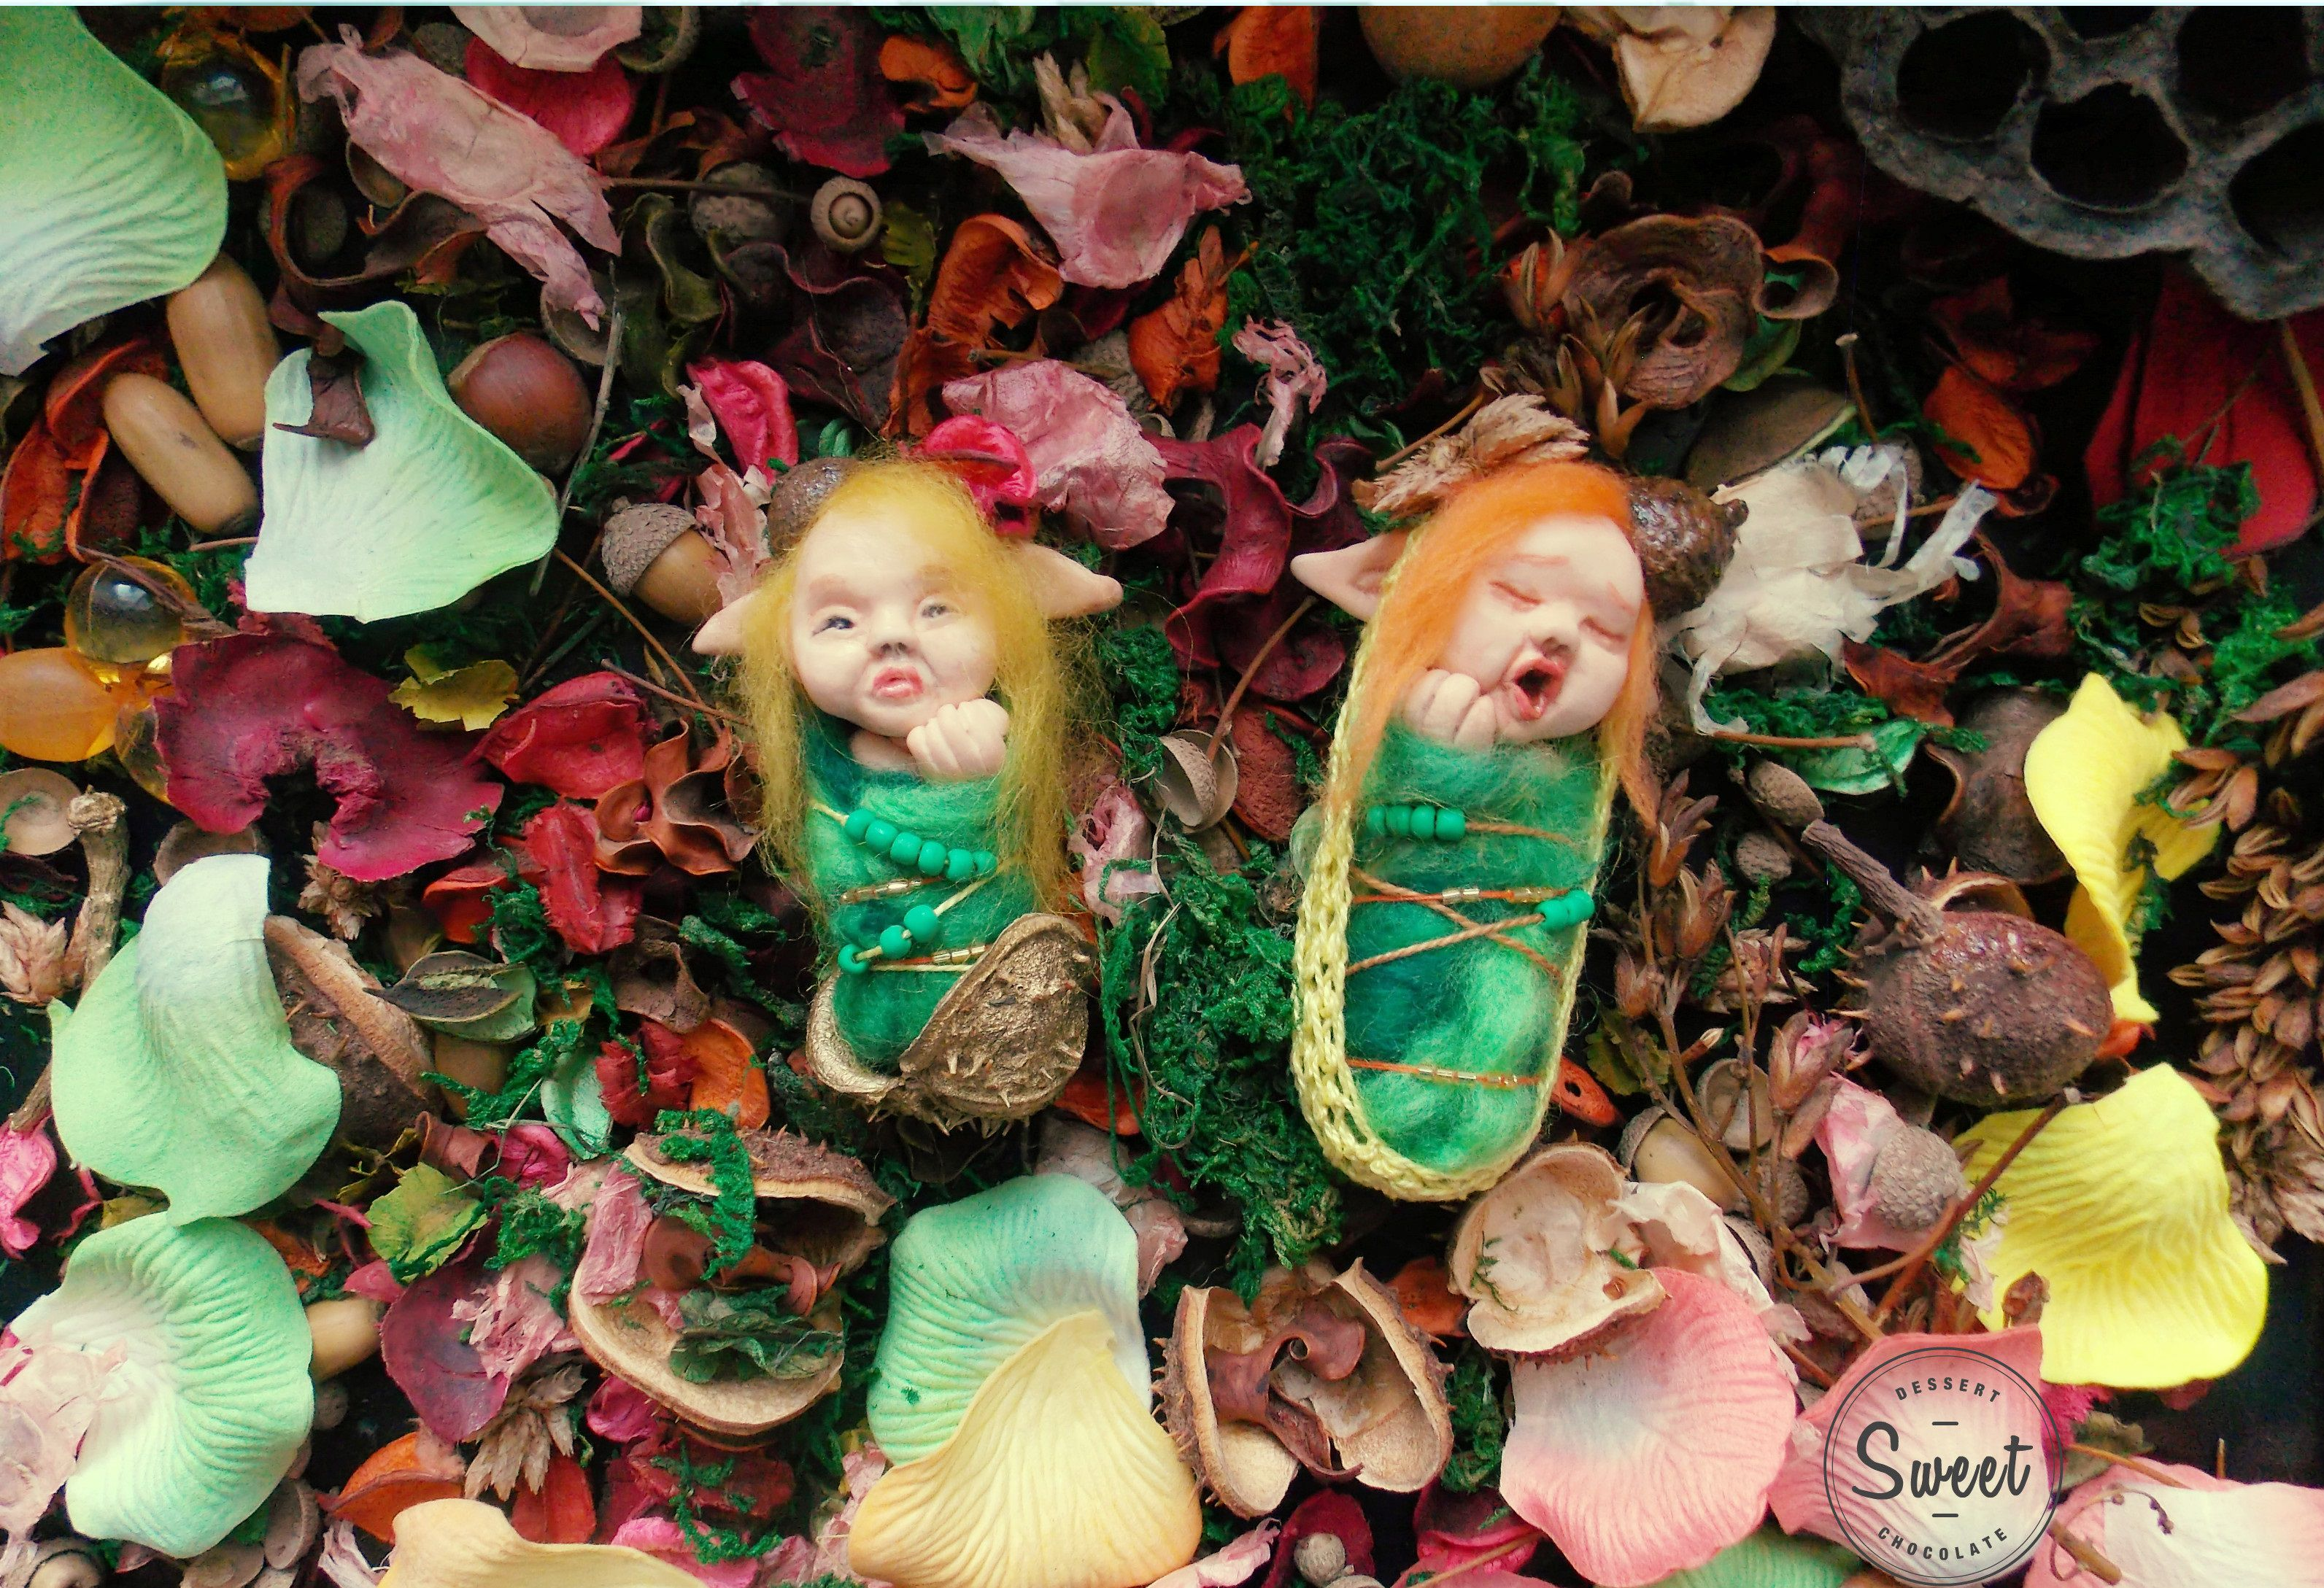 лесной эльфик сказочный ребенок малыш подарок милый эльф